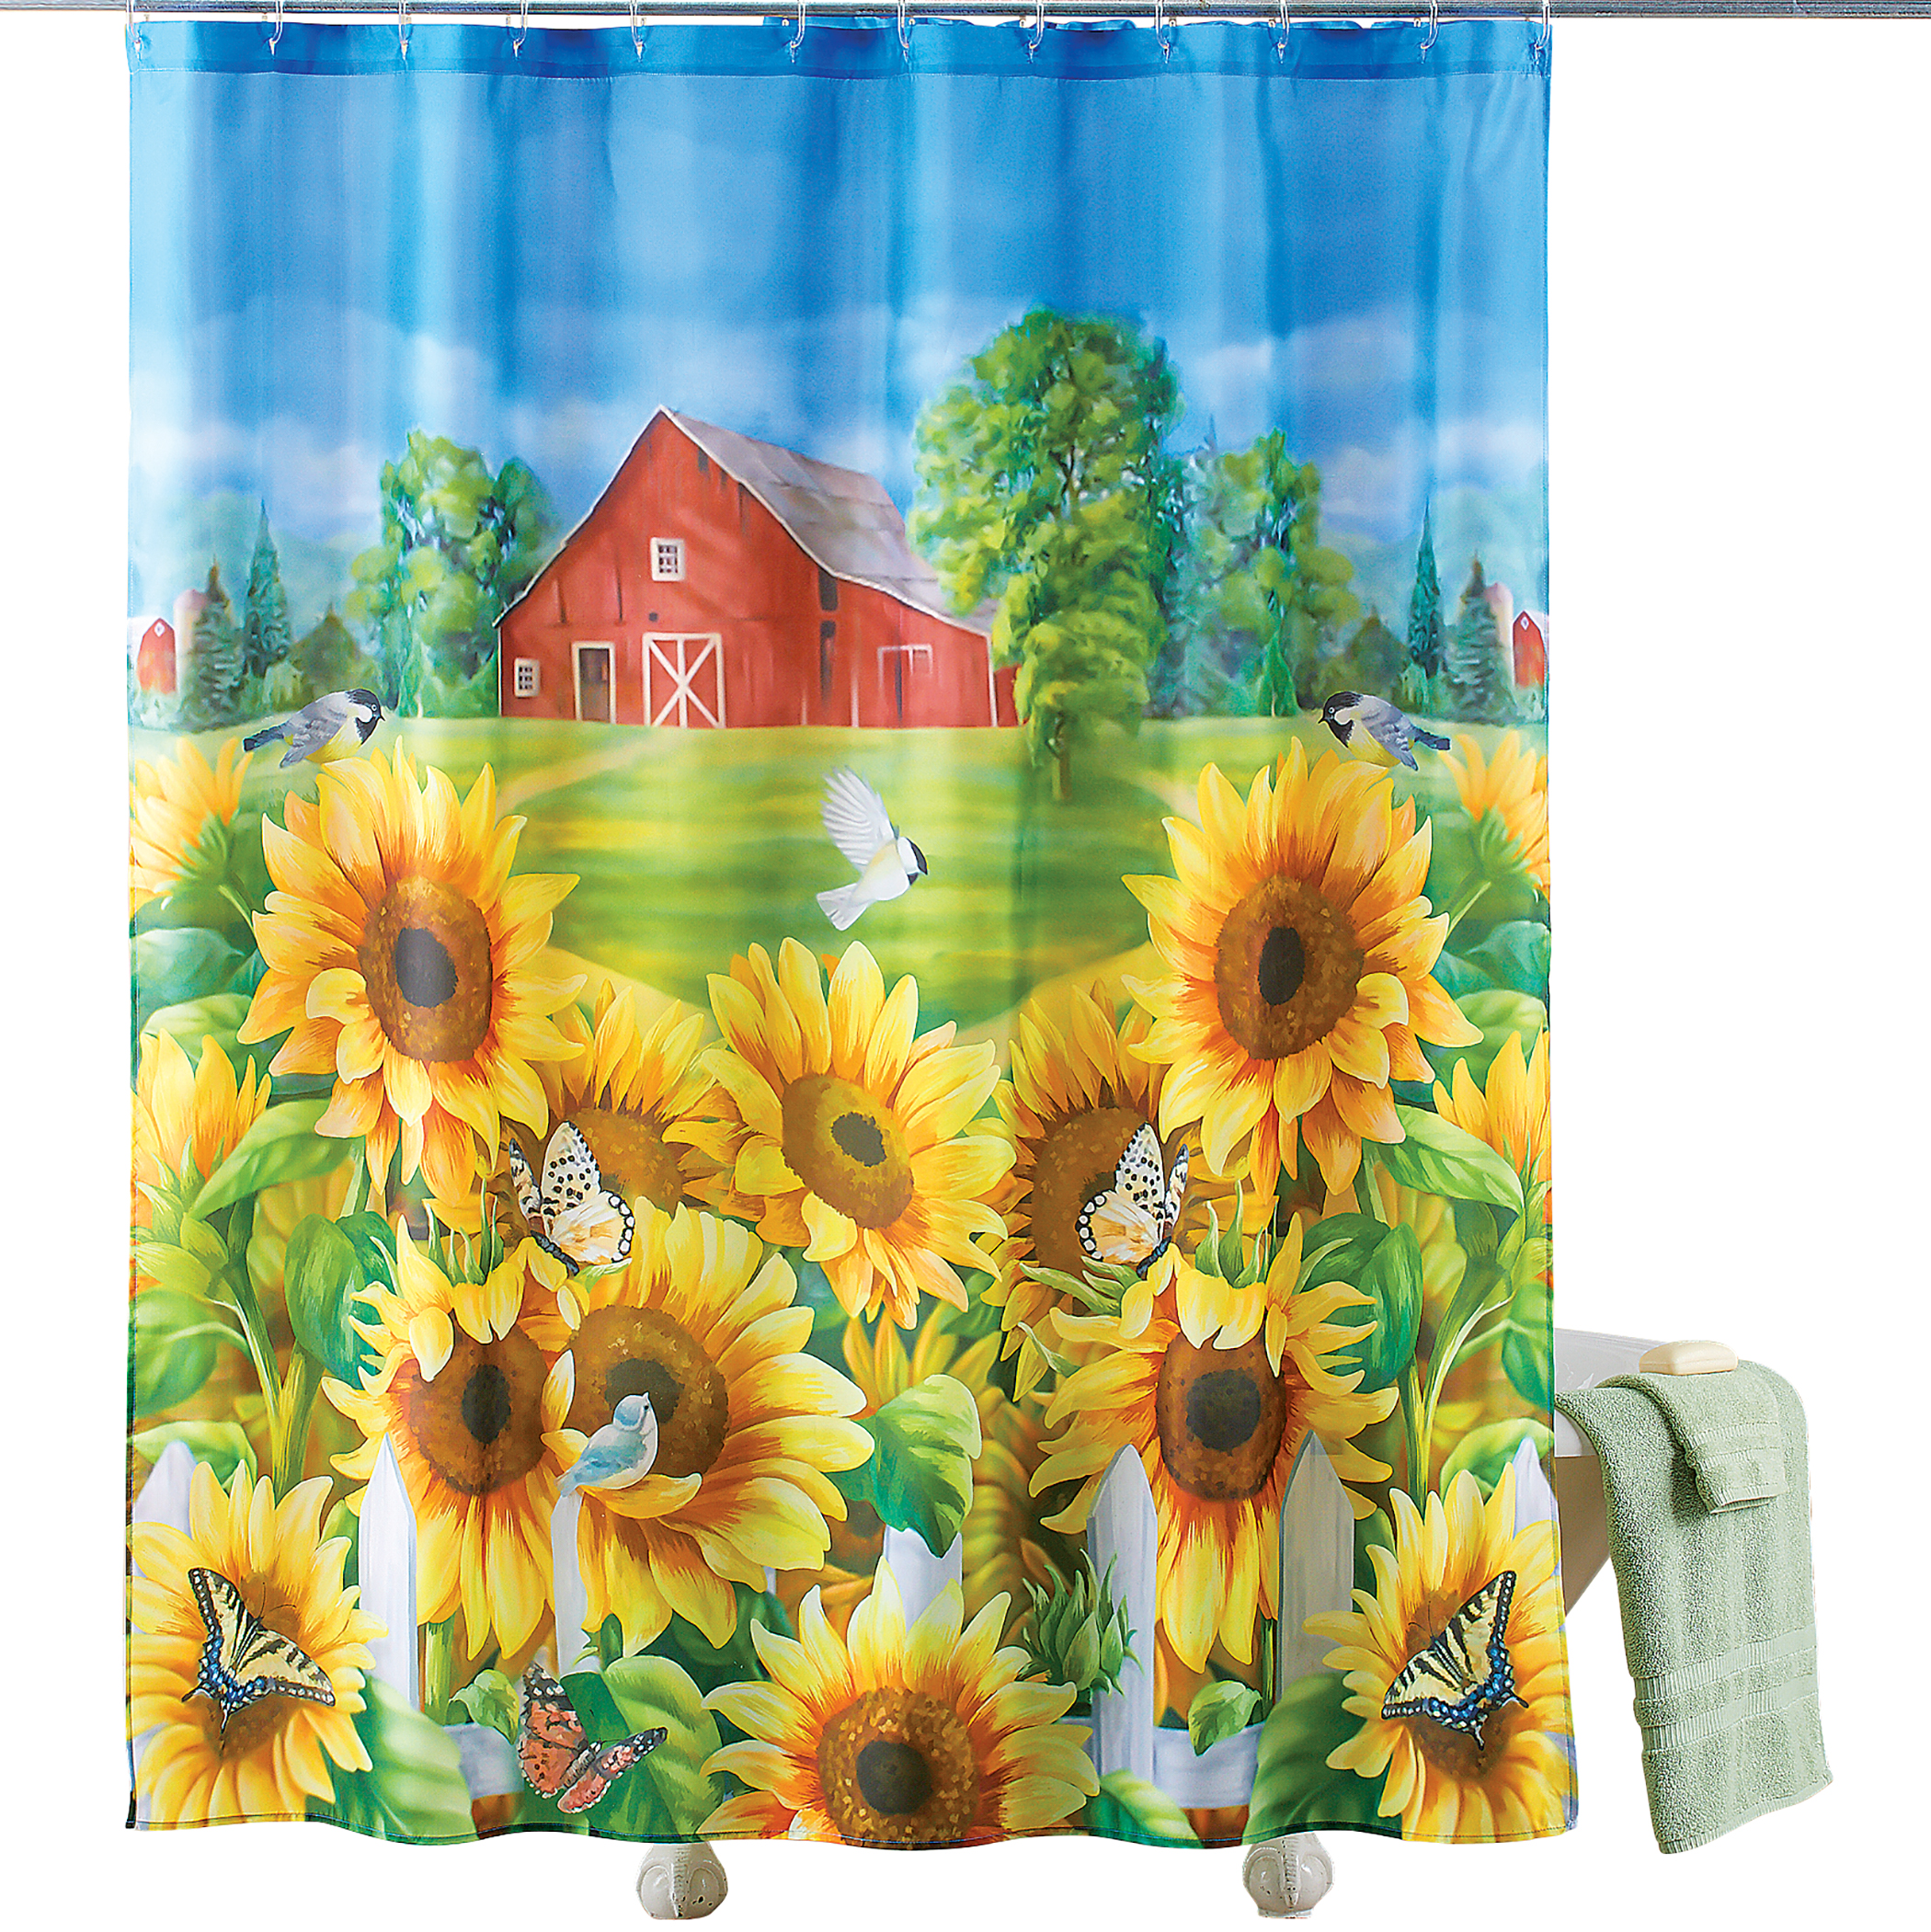 red barn farm and sunflower garden shower curtain